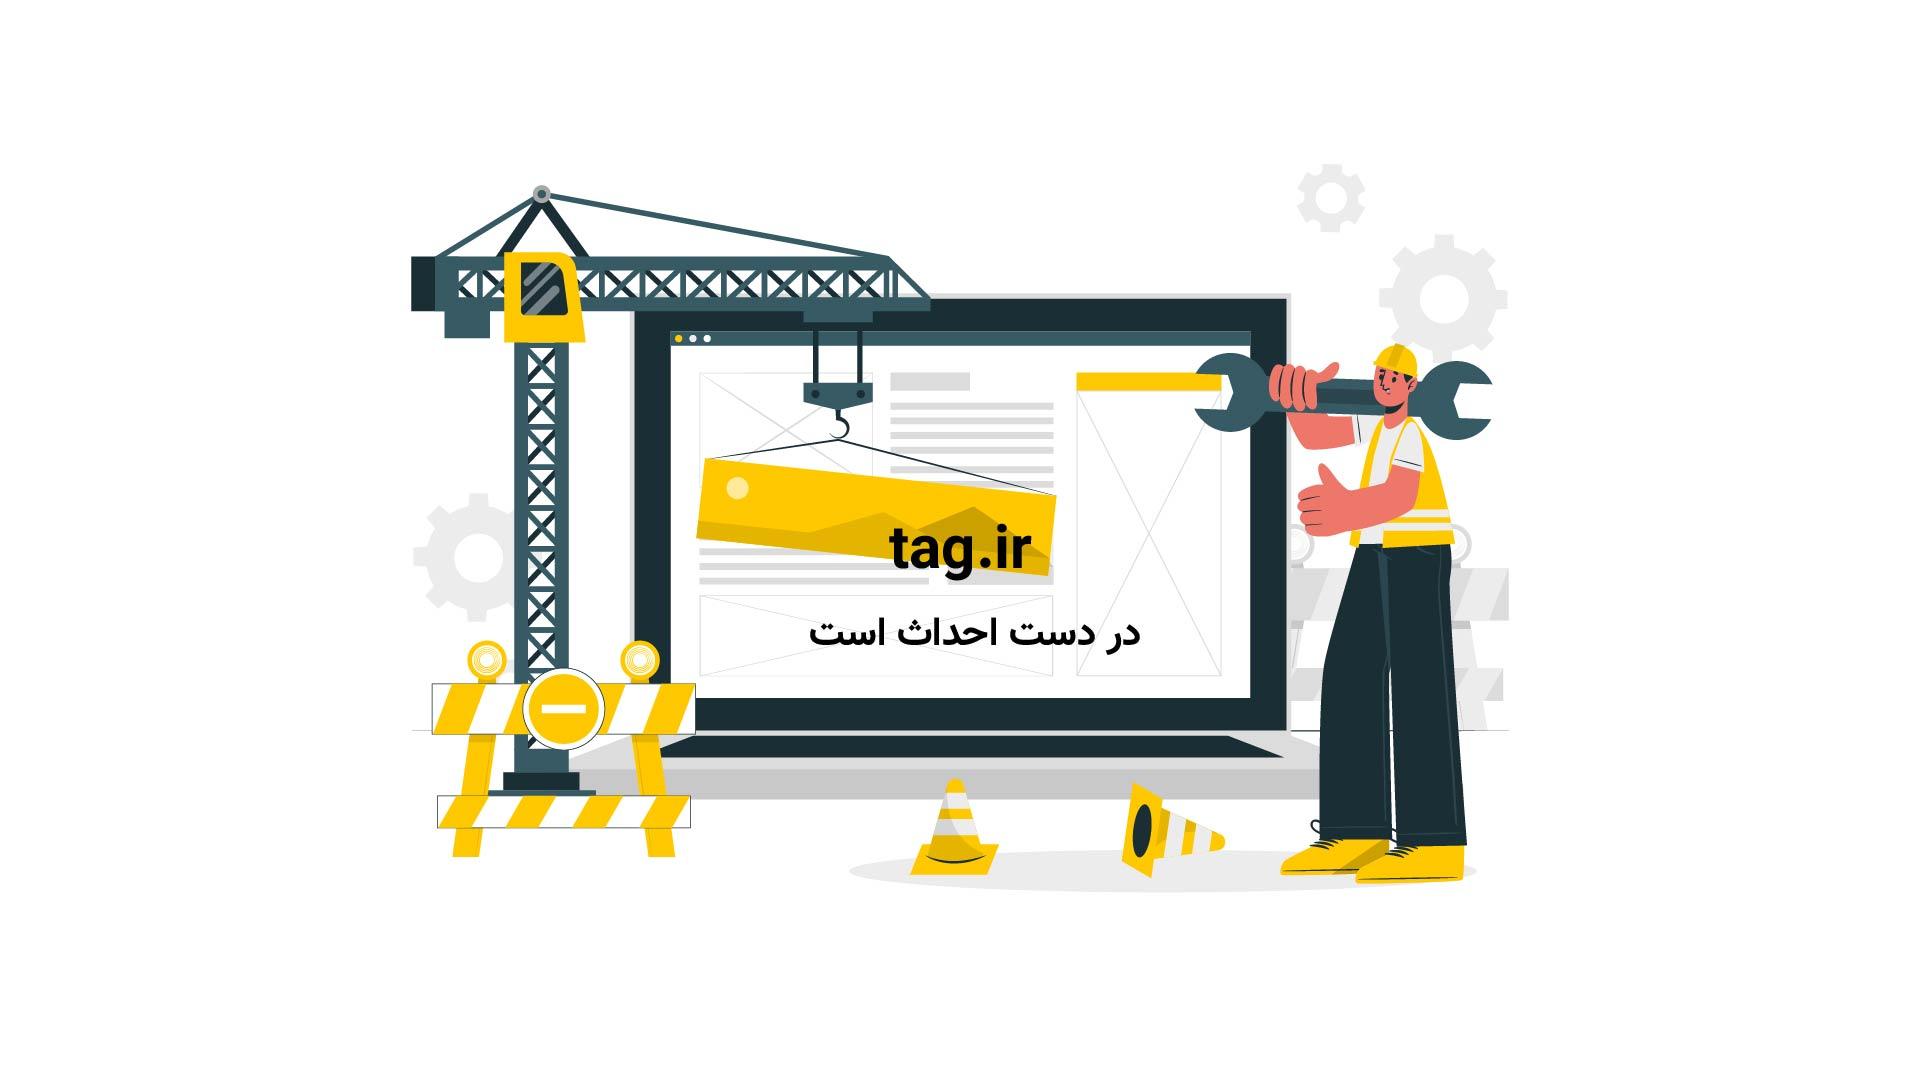 تصادف زنجيره اي در جاده برفی روسیه | فیلم